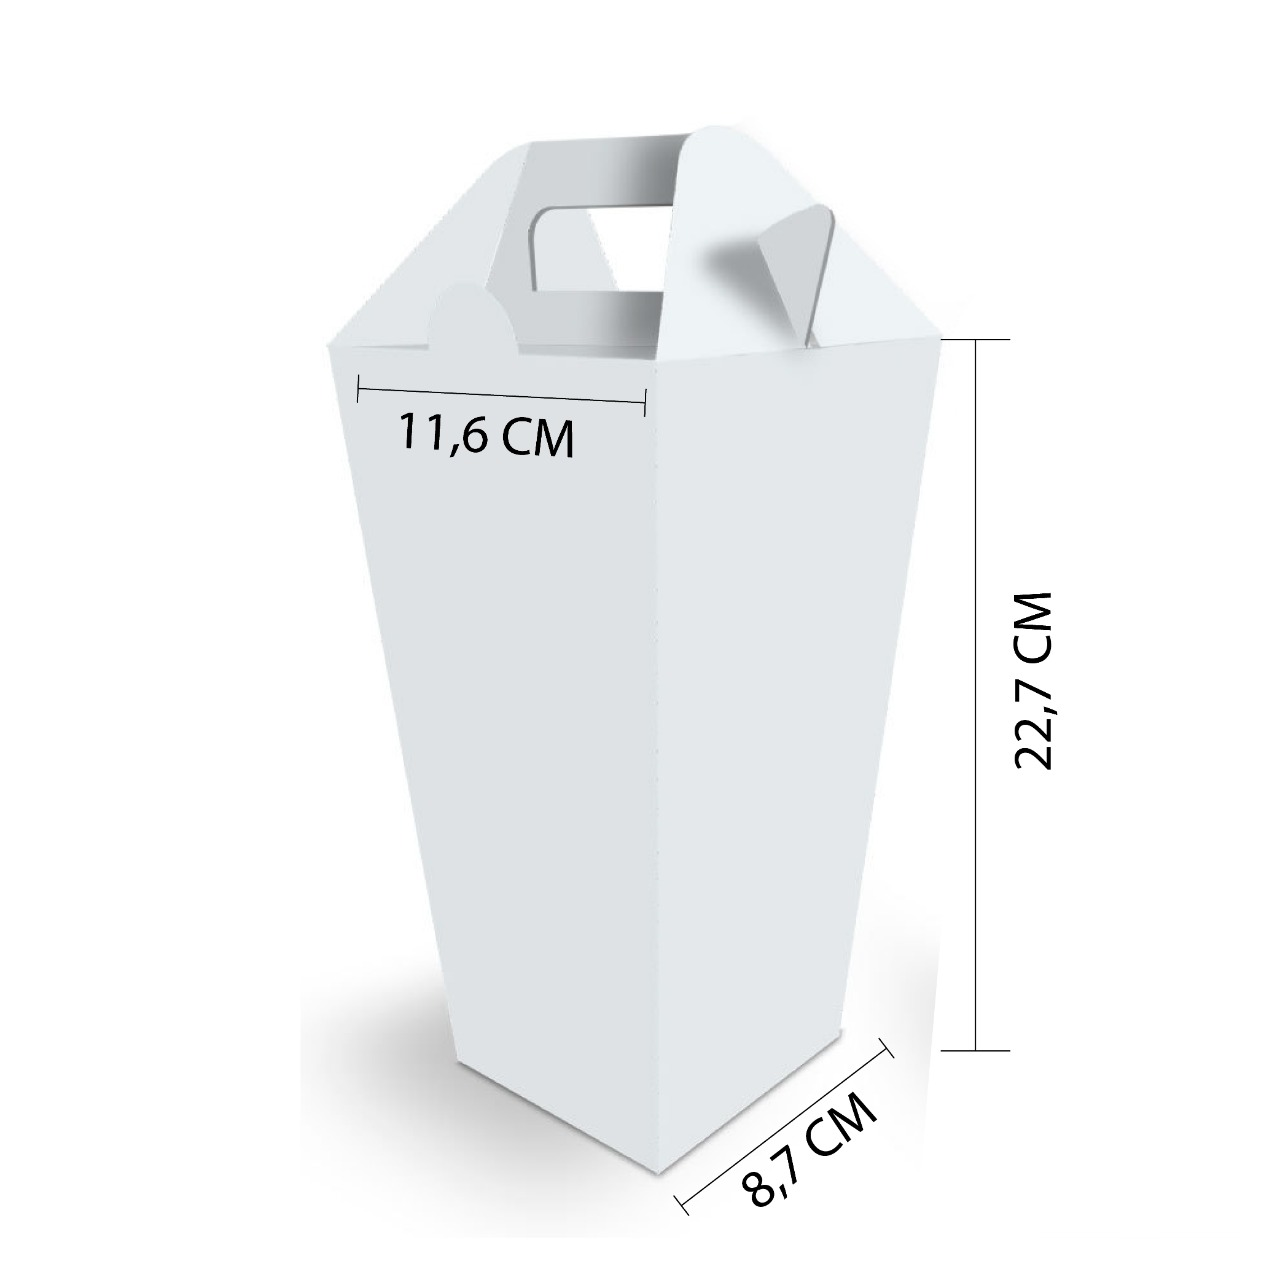 Dimensões Embalagem Pipoca Delivery